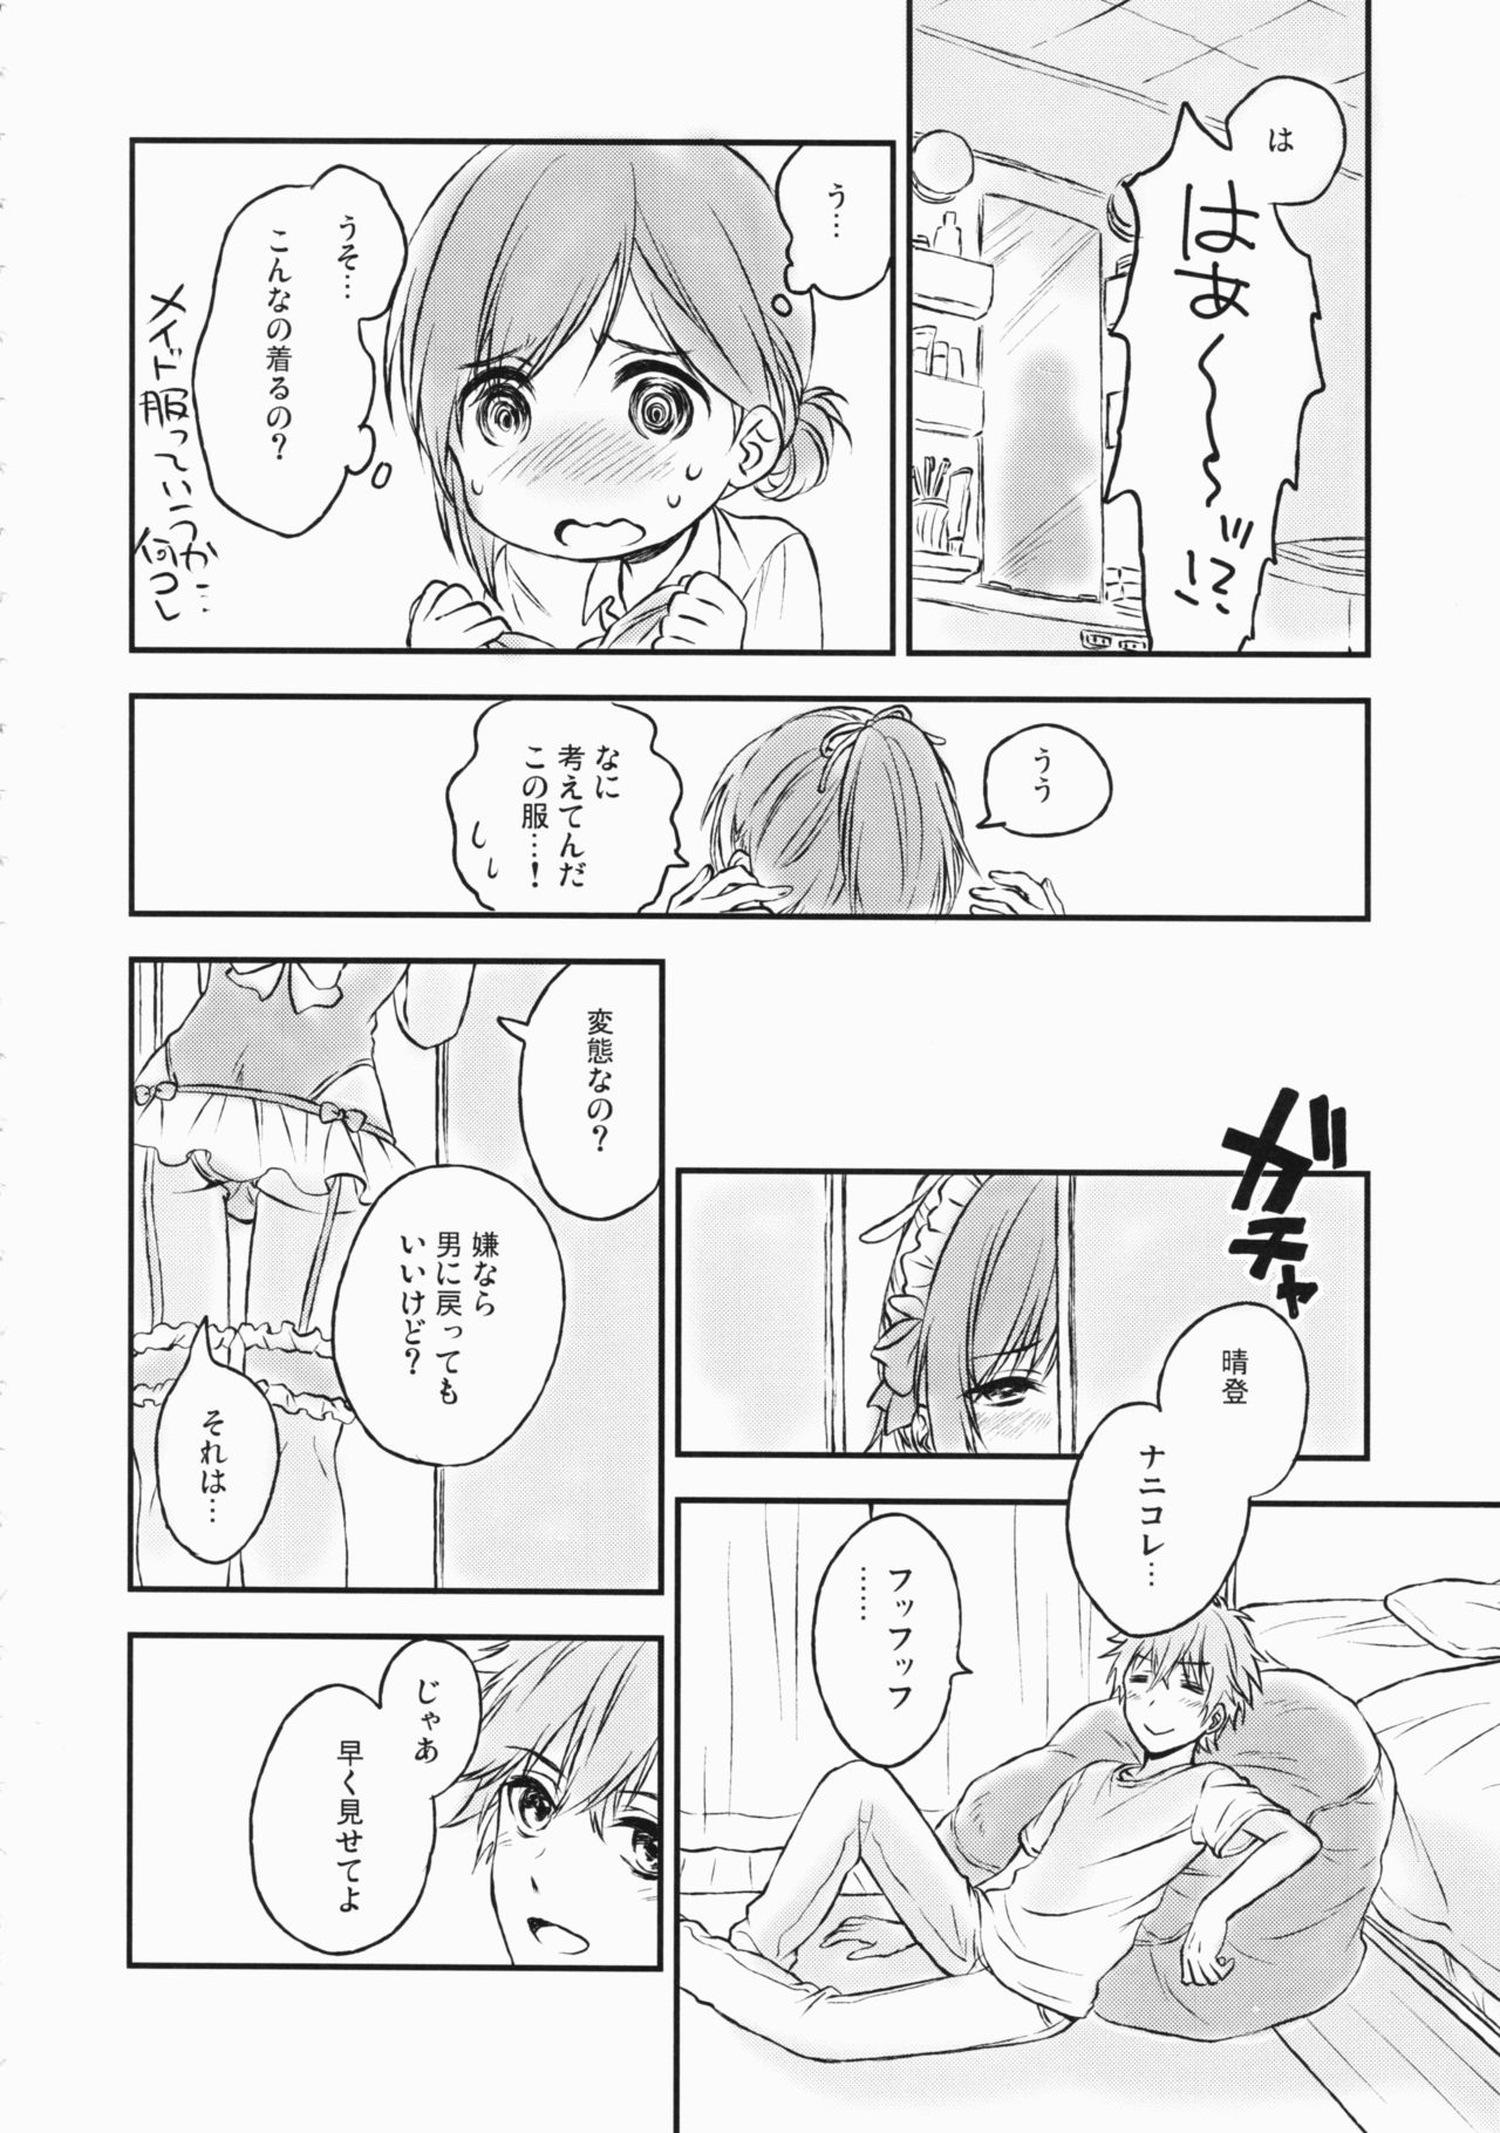 ポニーテールの女装男子とイチャラブセックスwww【エロ漫画・エロ同人】 (11)